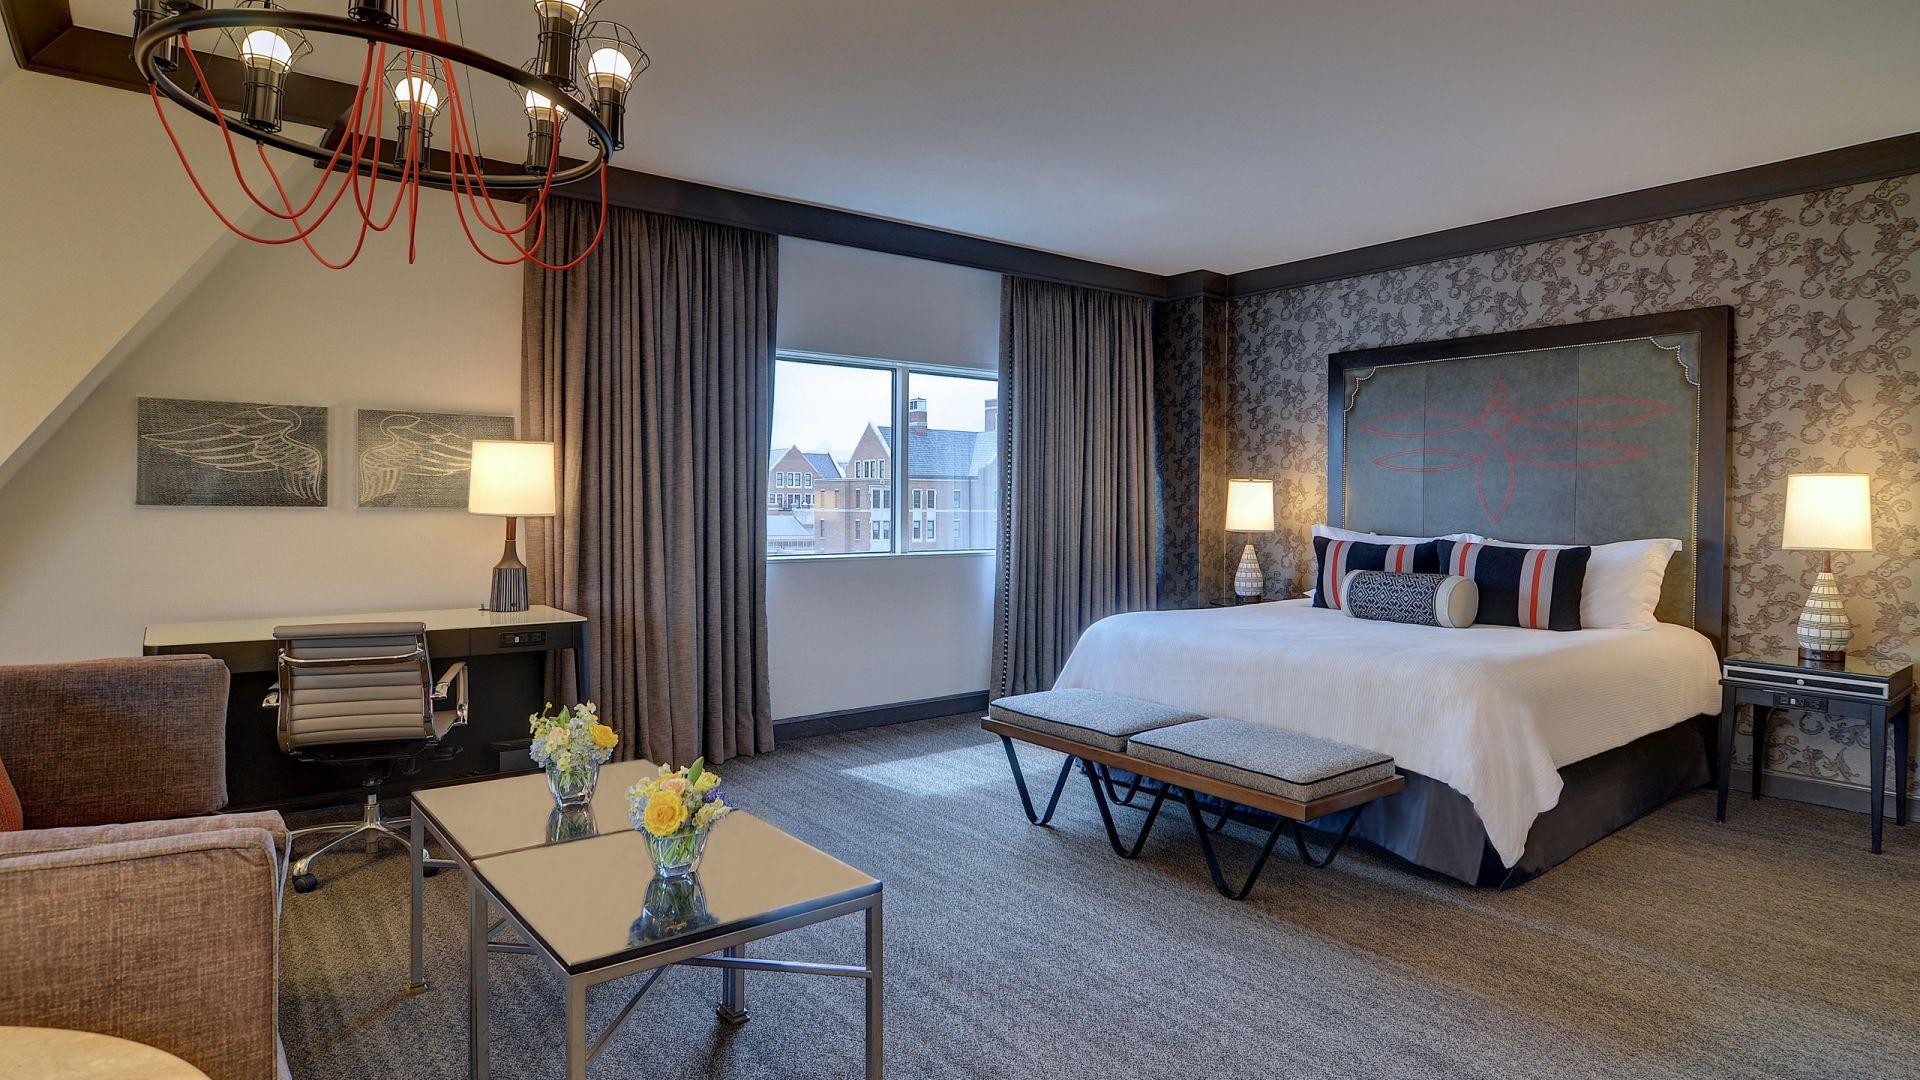 Una sala de estar con muchos muebles y una cama en una habitación